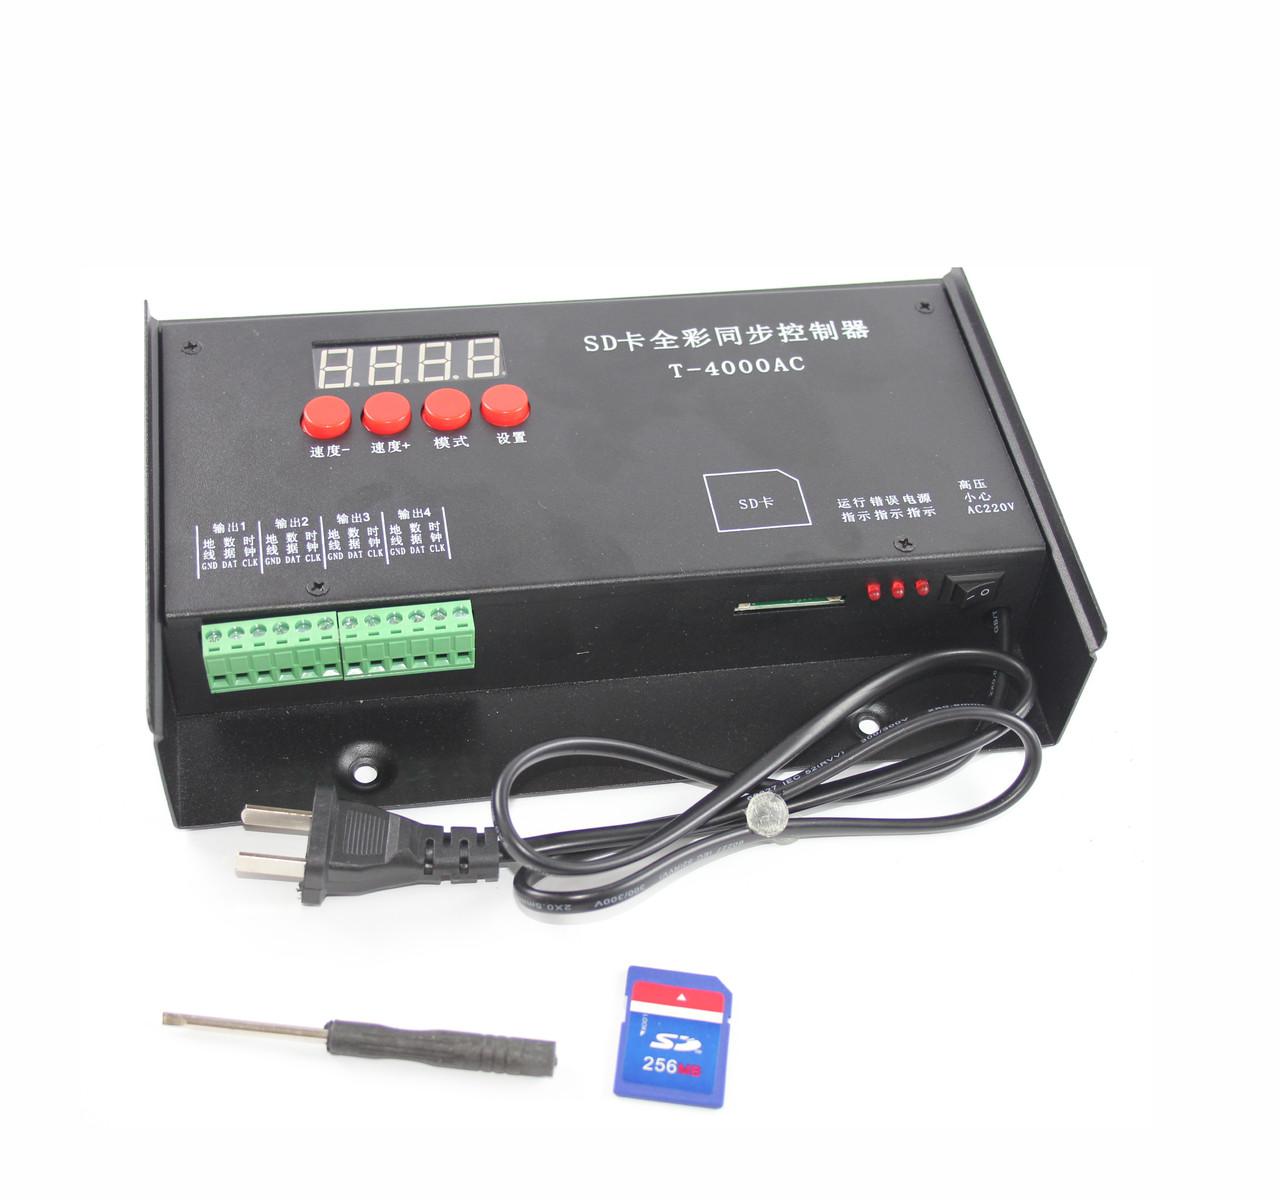 Контроллер для светодиодных модулей T-4000AC